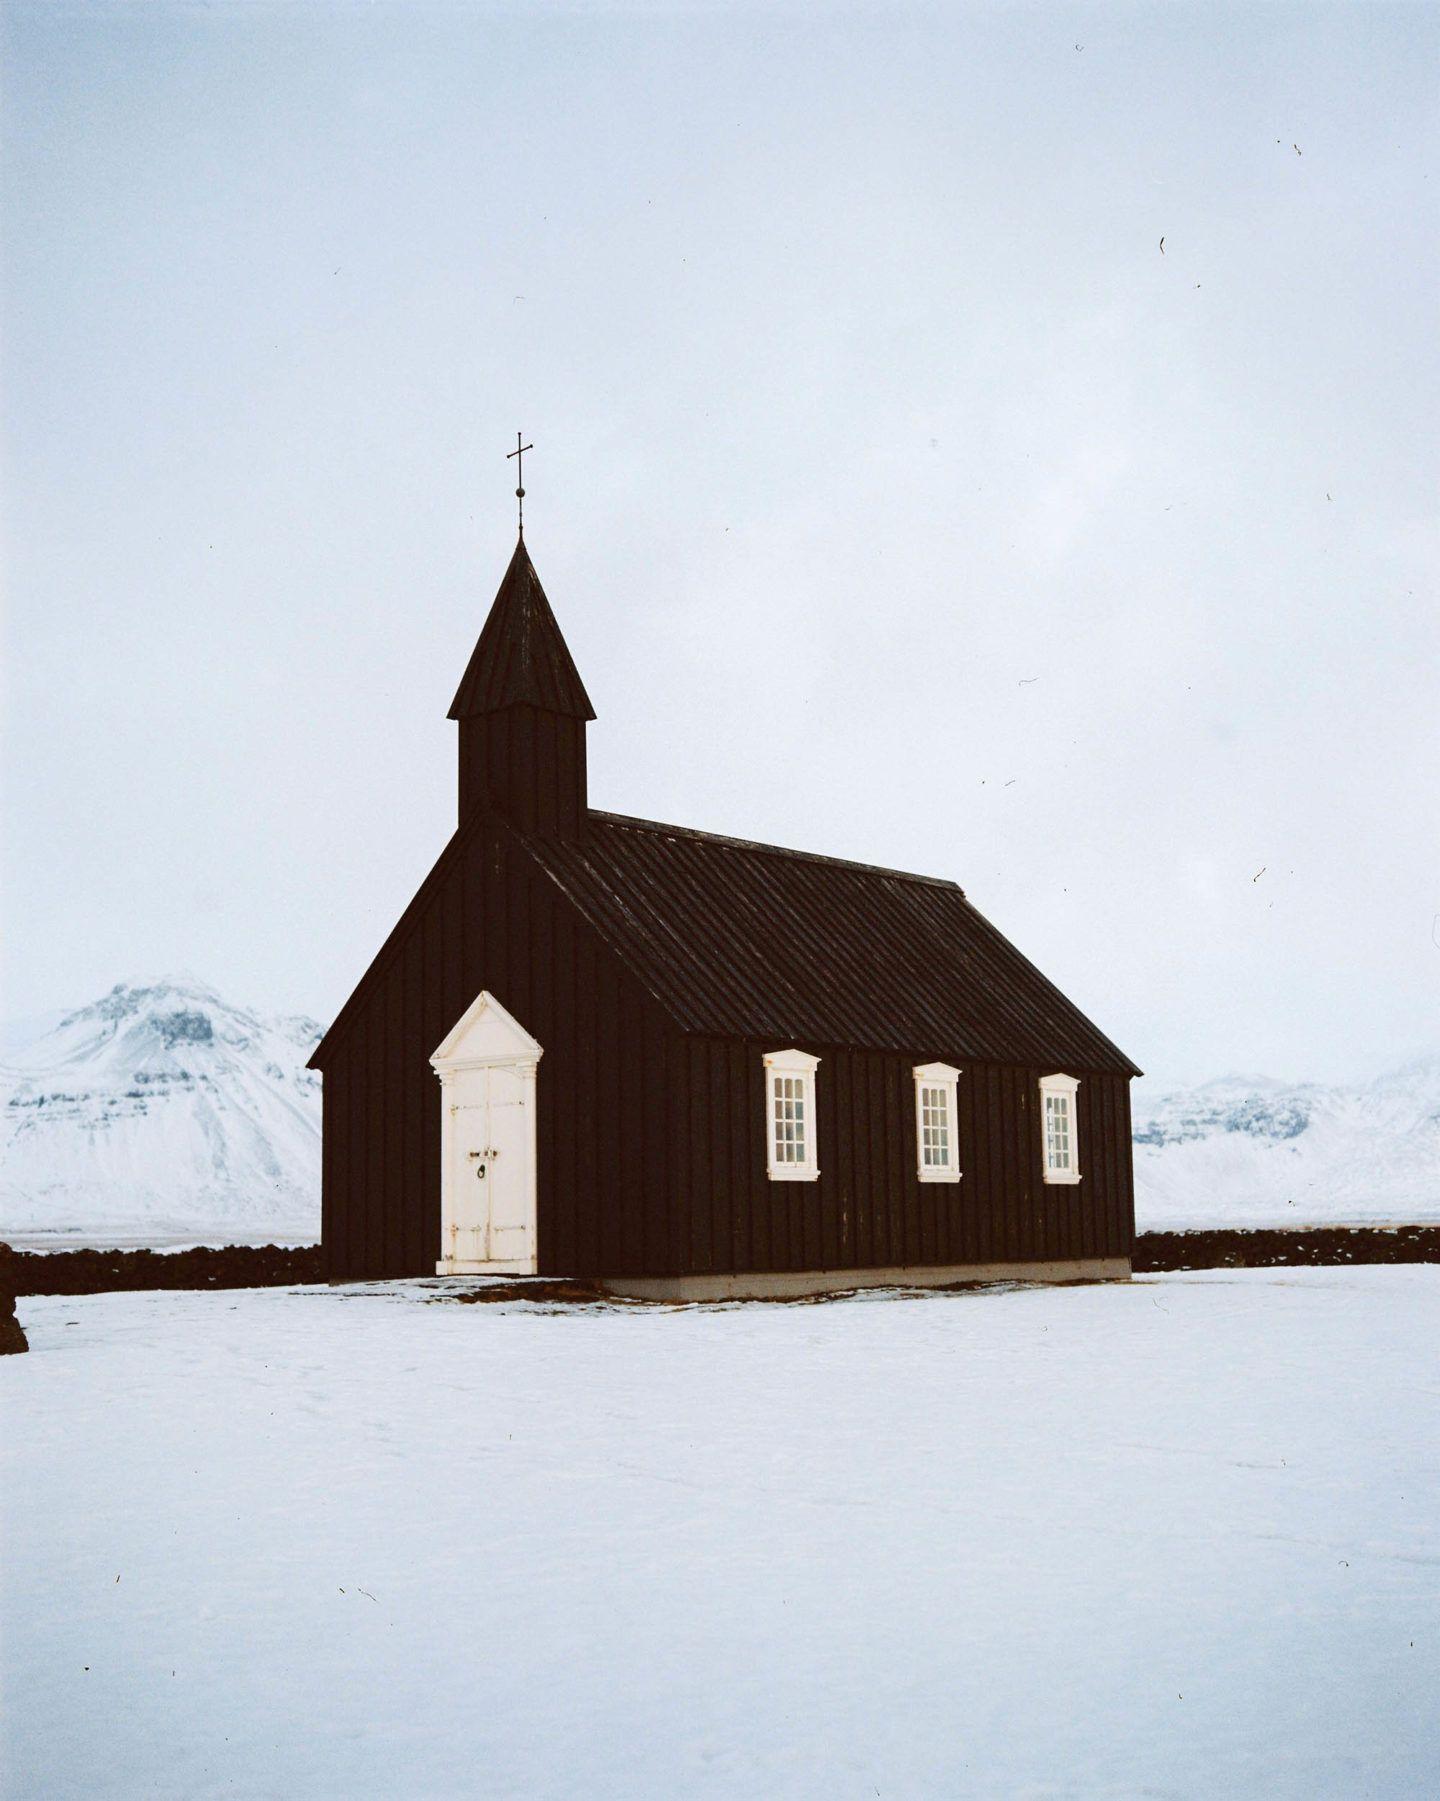 IGNANT-Travel-Michael-Novotny-Iceland-31